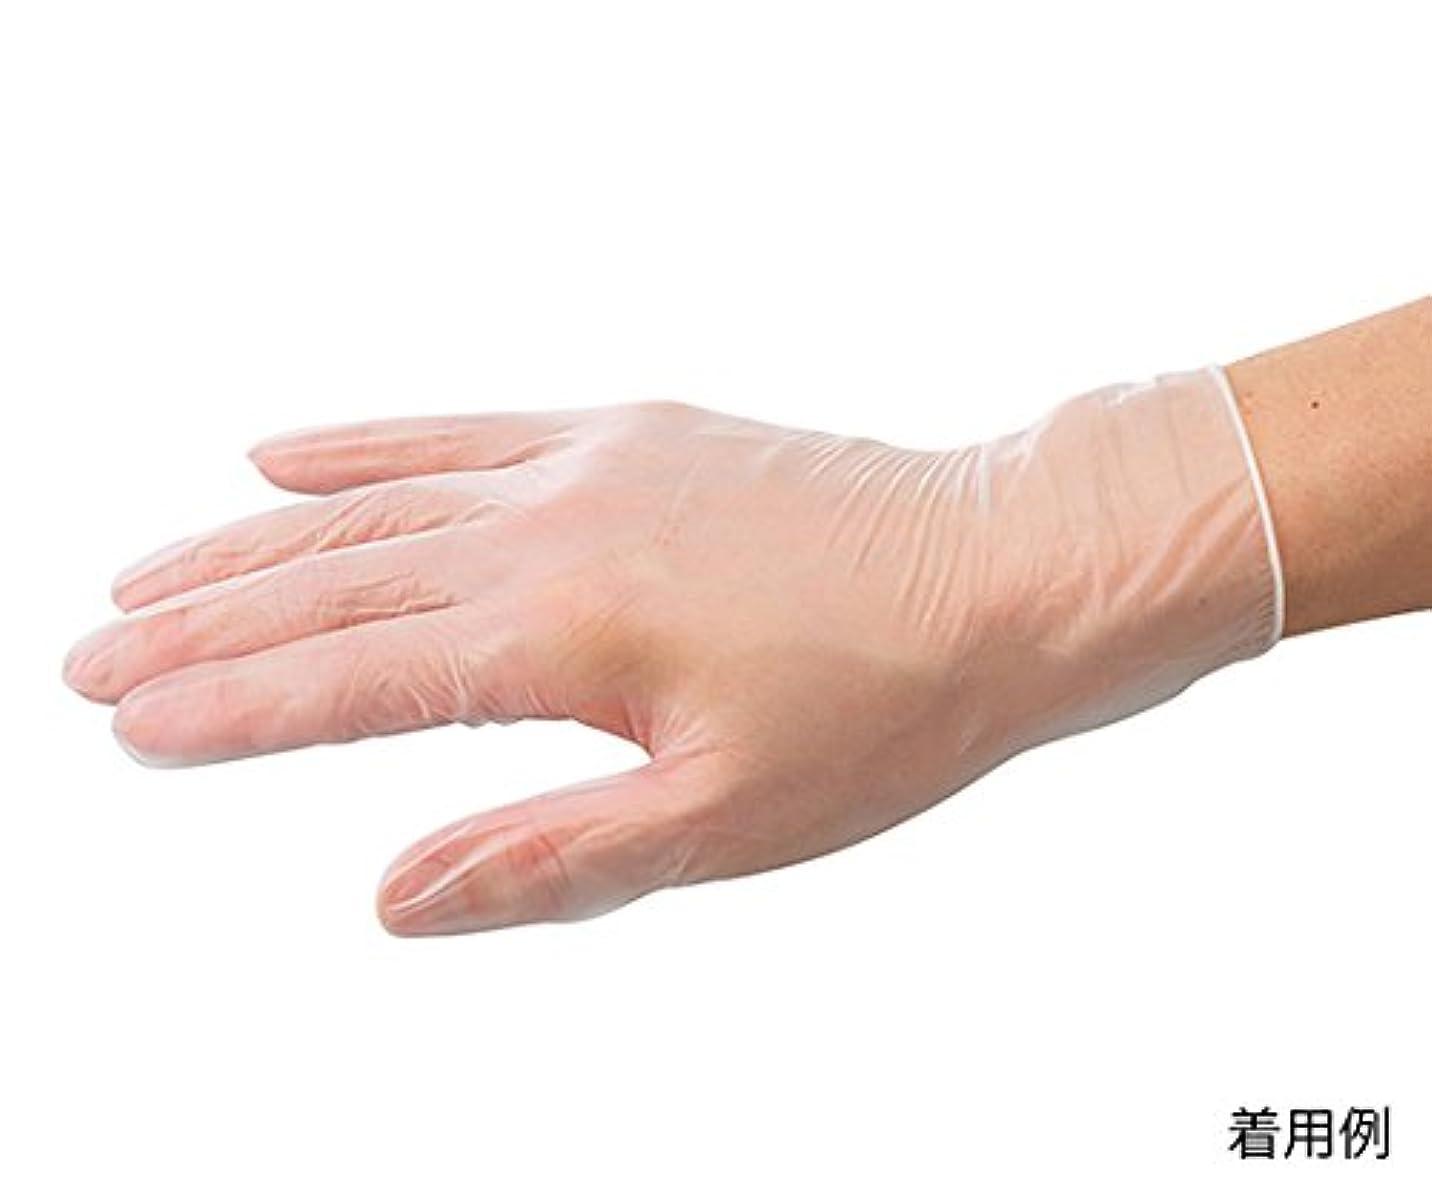 鷲彼らの失うARメディコム・インク・アジアリミテッド7-3726-02バイタルプラスチック手袋(パウダーフリー)M150枚入